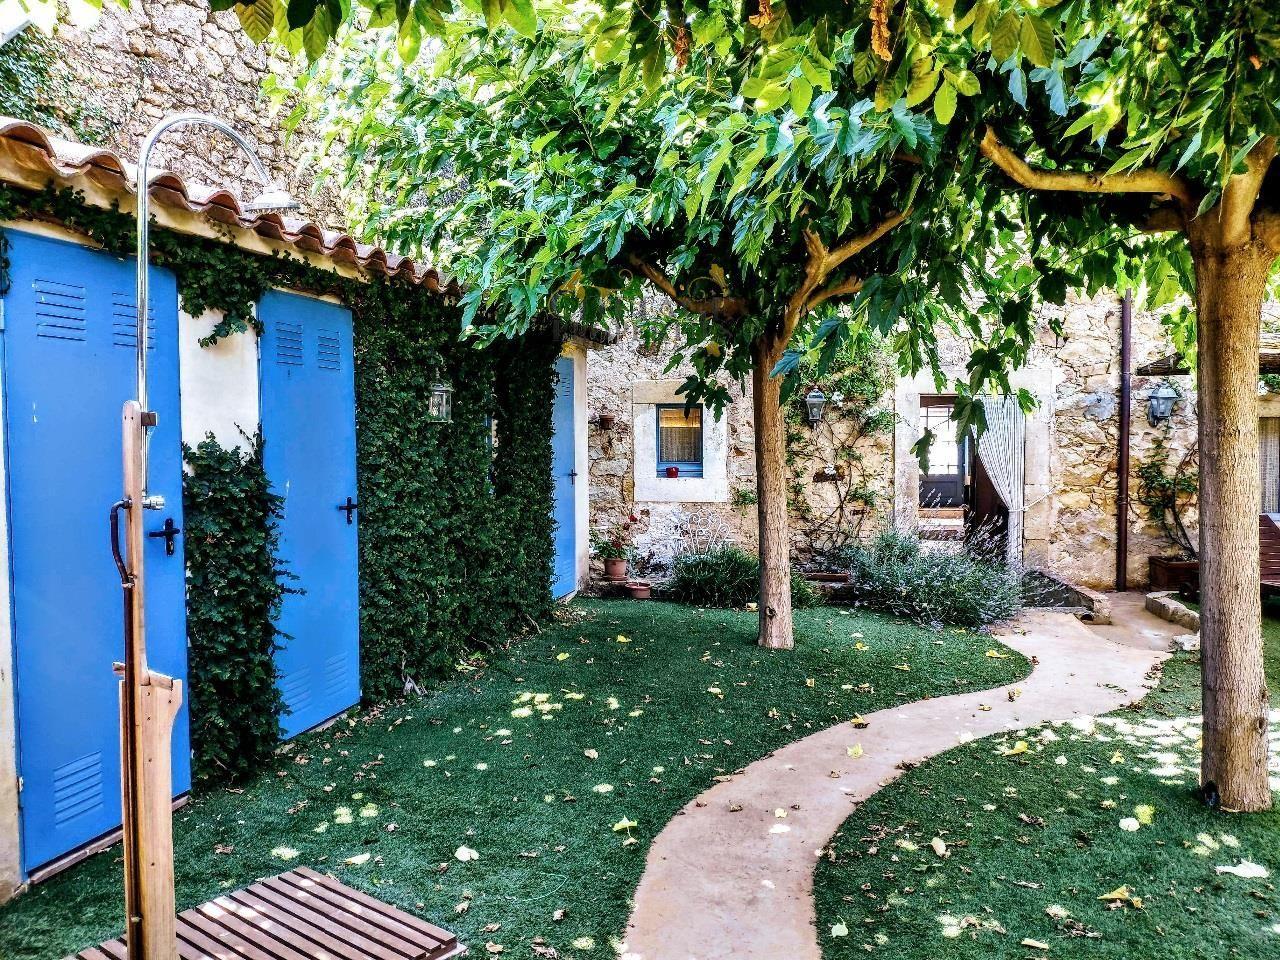 1345: Casas de pueblo in Pals